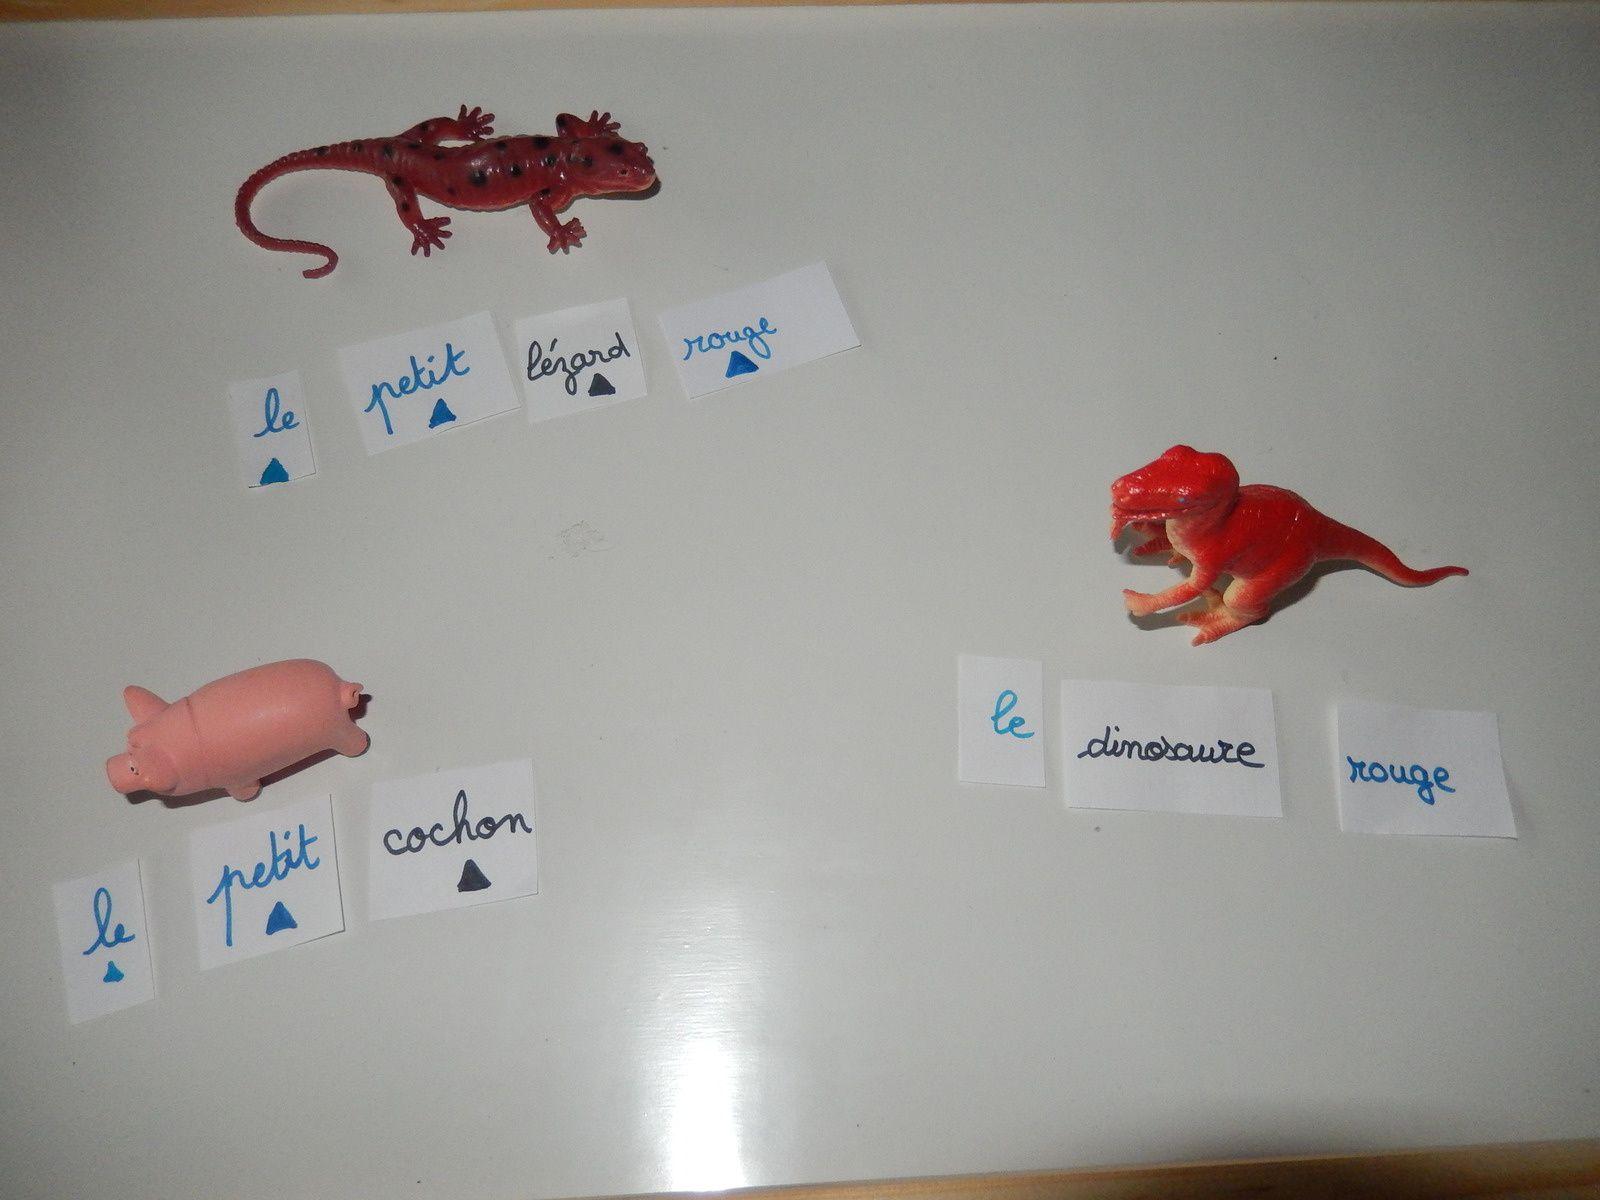 l'adjectif : introduction à la notion d'adjectif selon la pédagogie Montessori